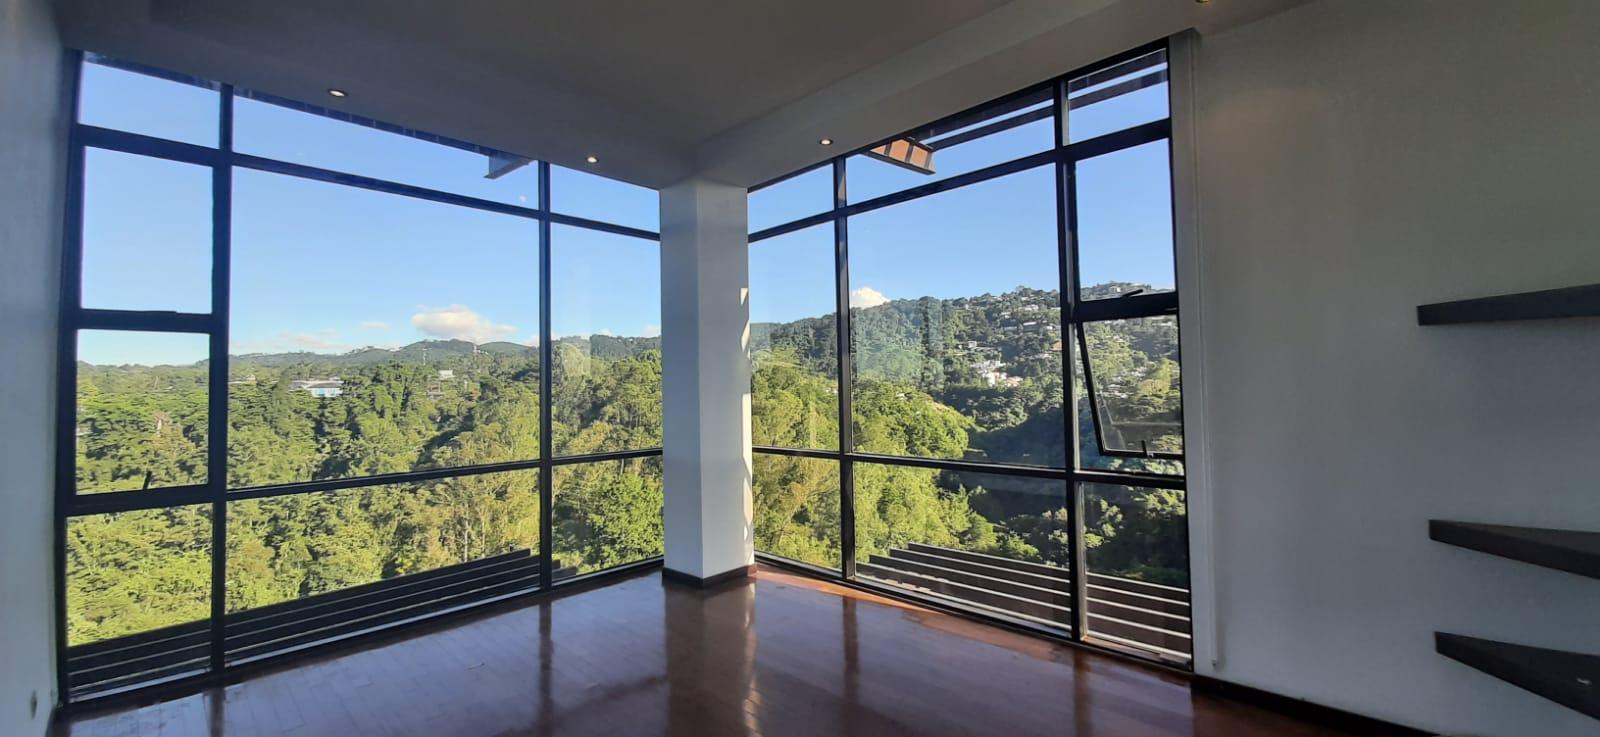 Apartamento en Venta ubicado en Vista Hermosa I, Zona 15